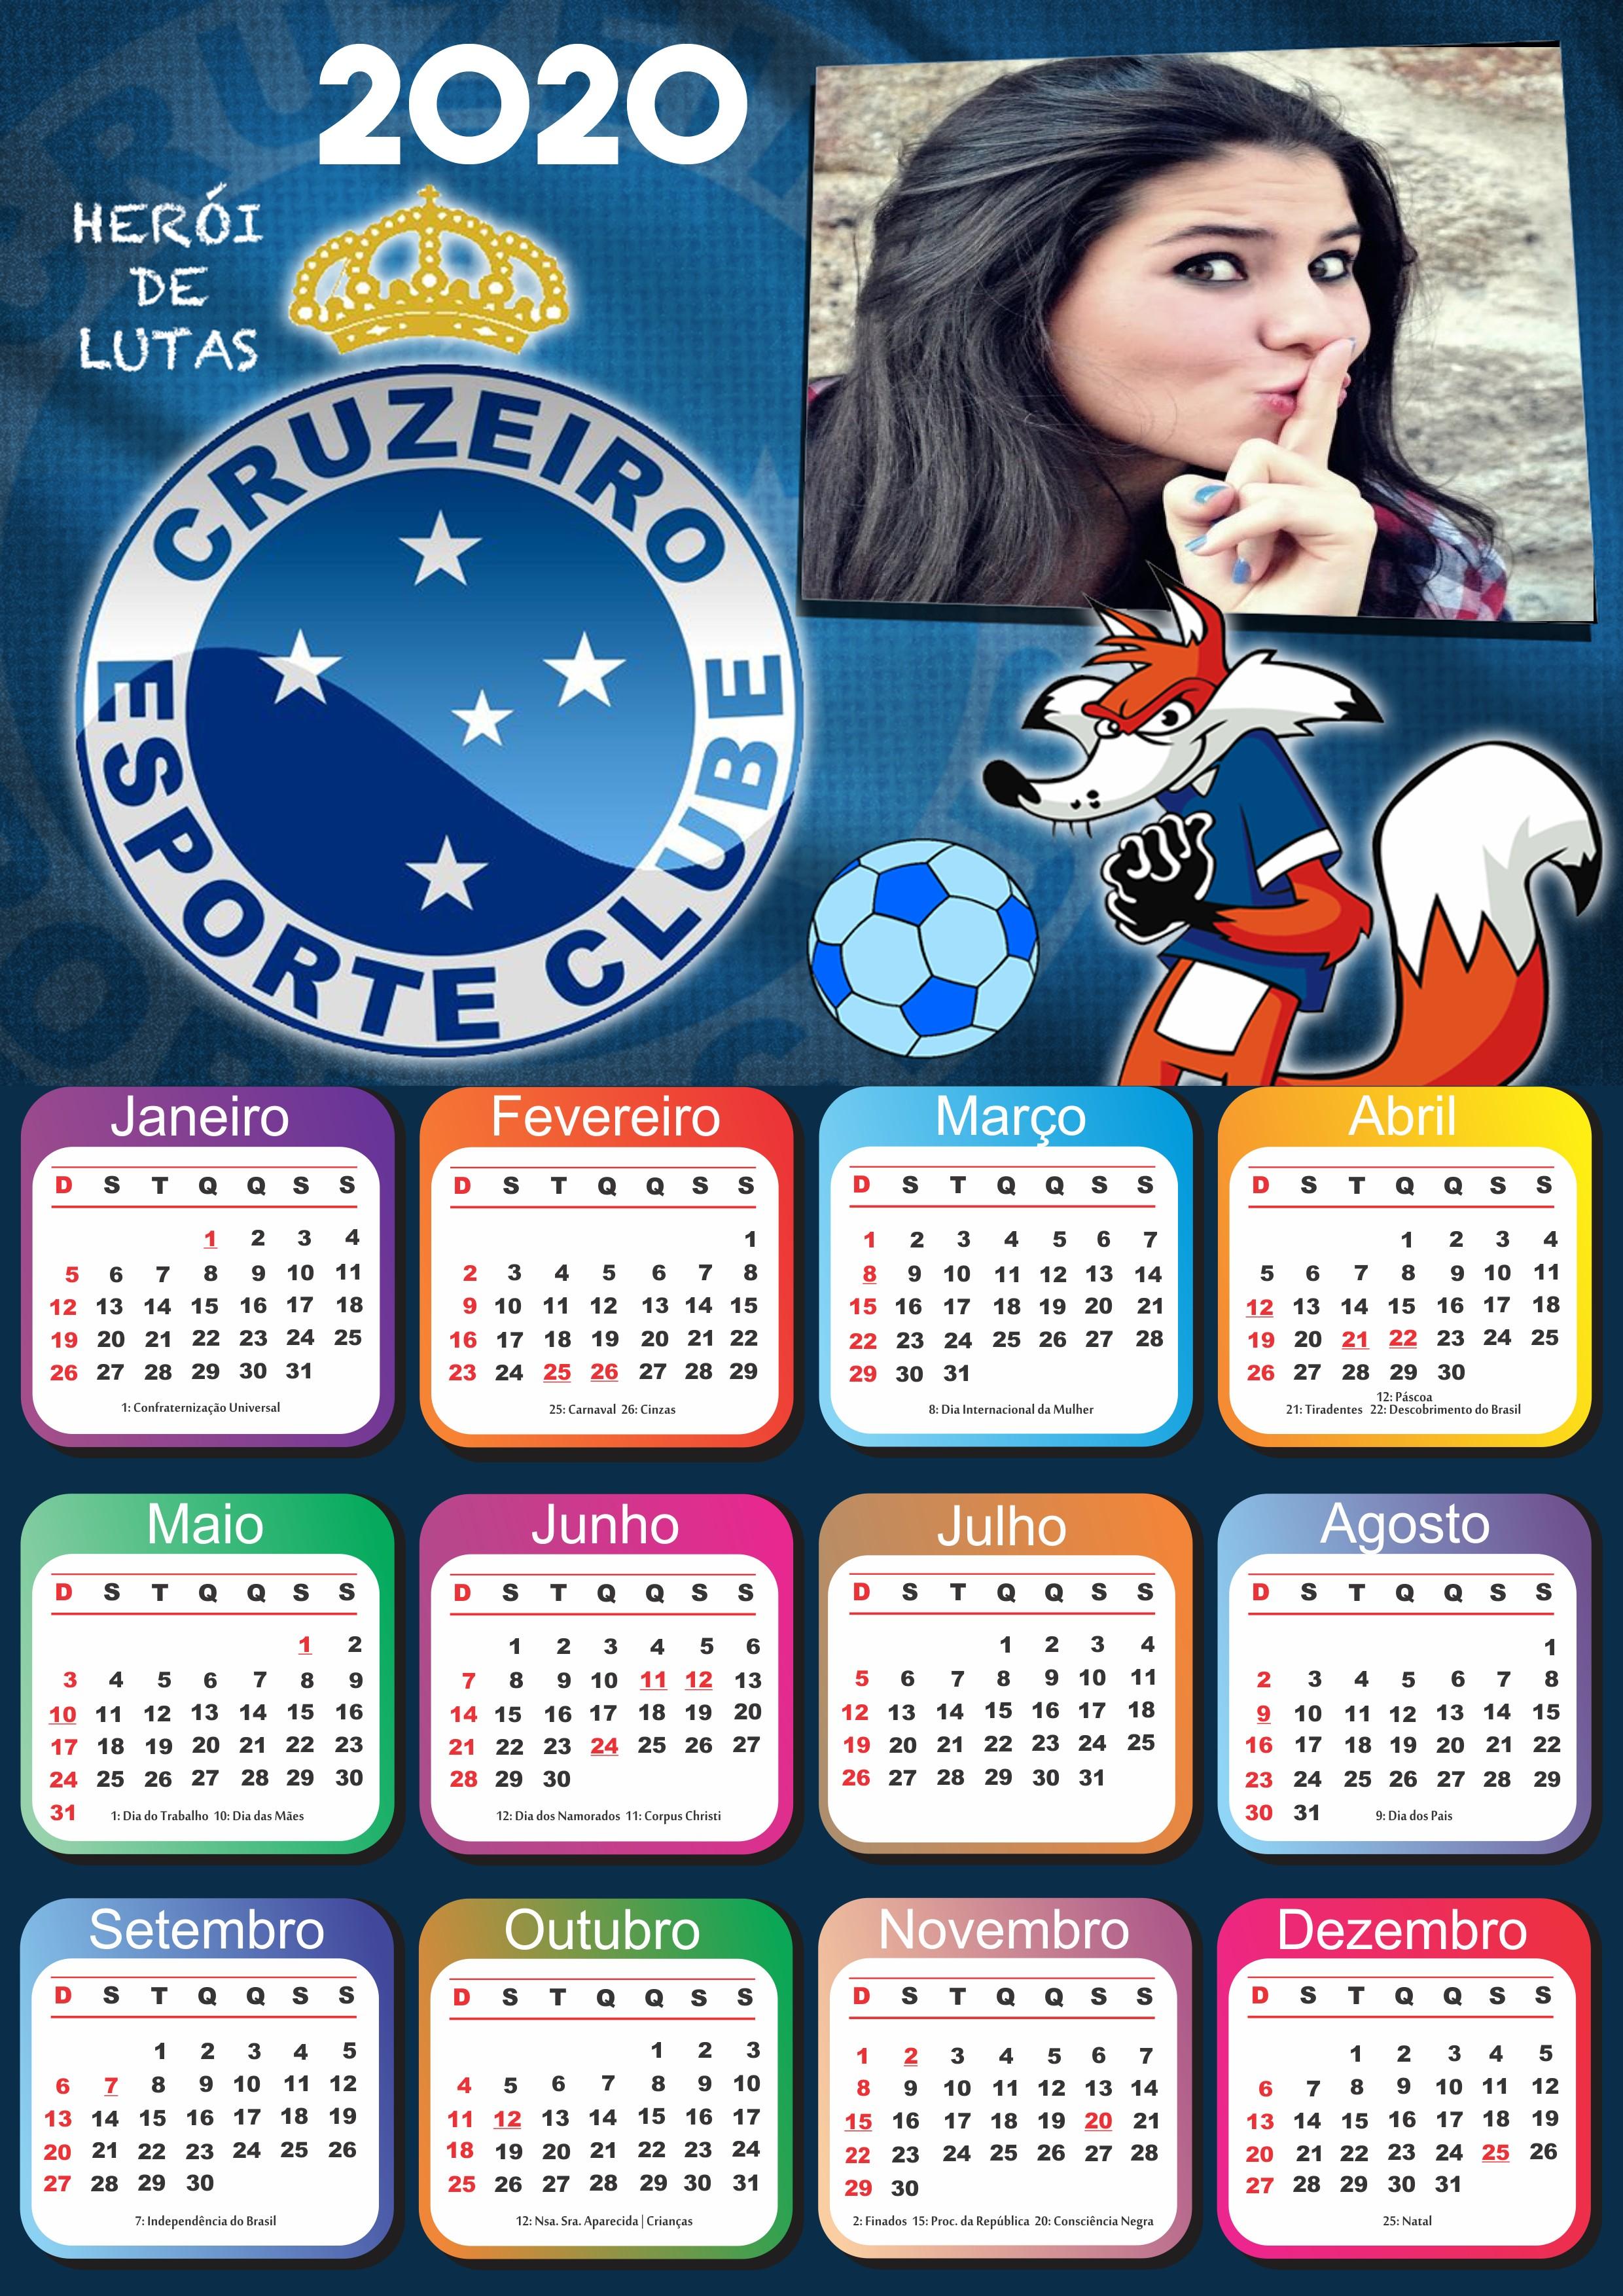 cruzeiro-esporte-clube-calendario-2020